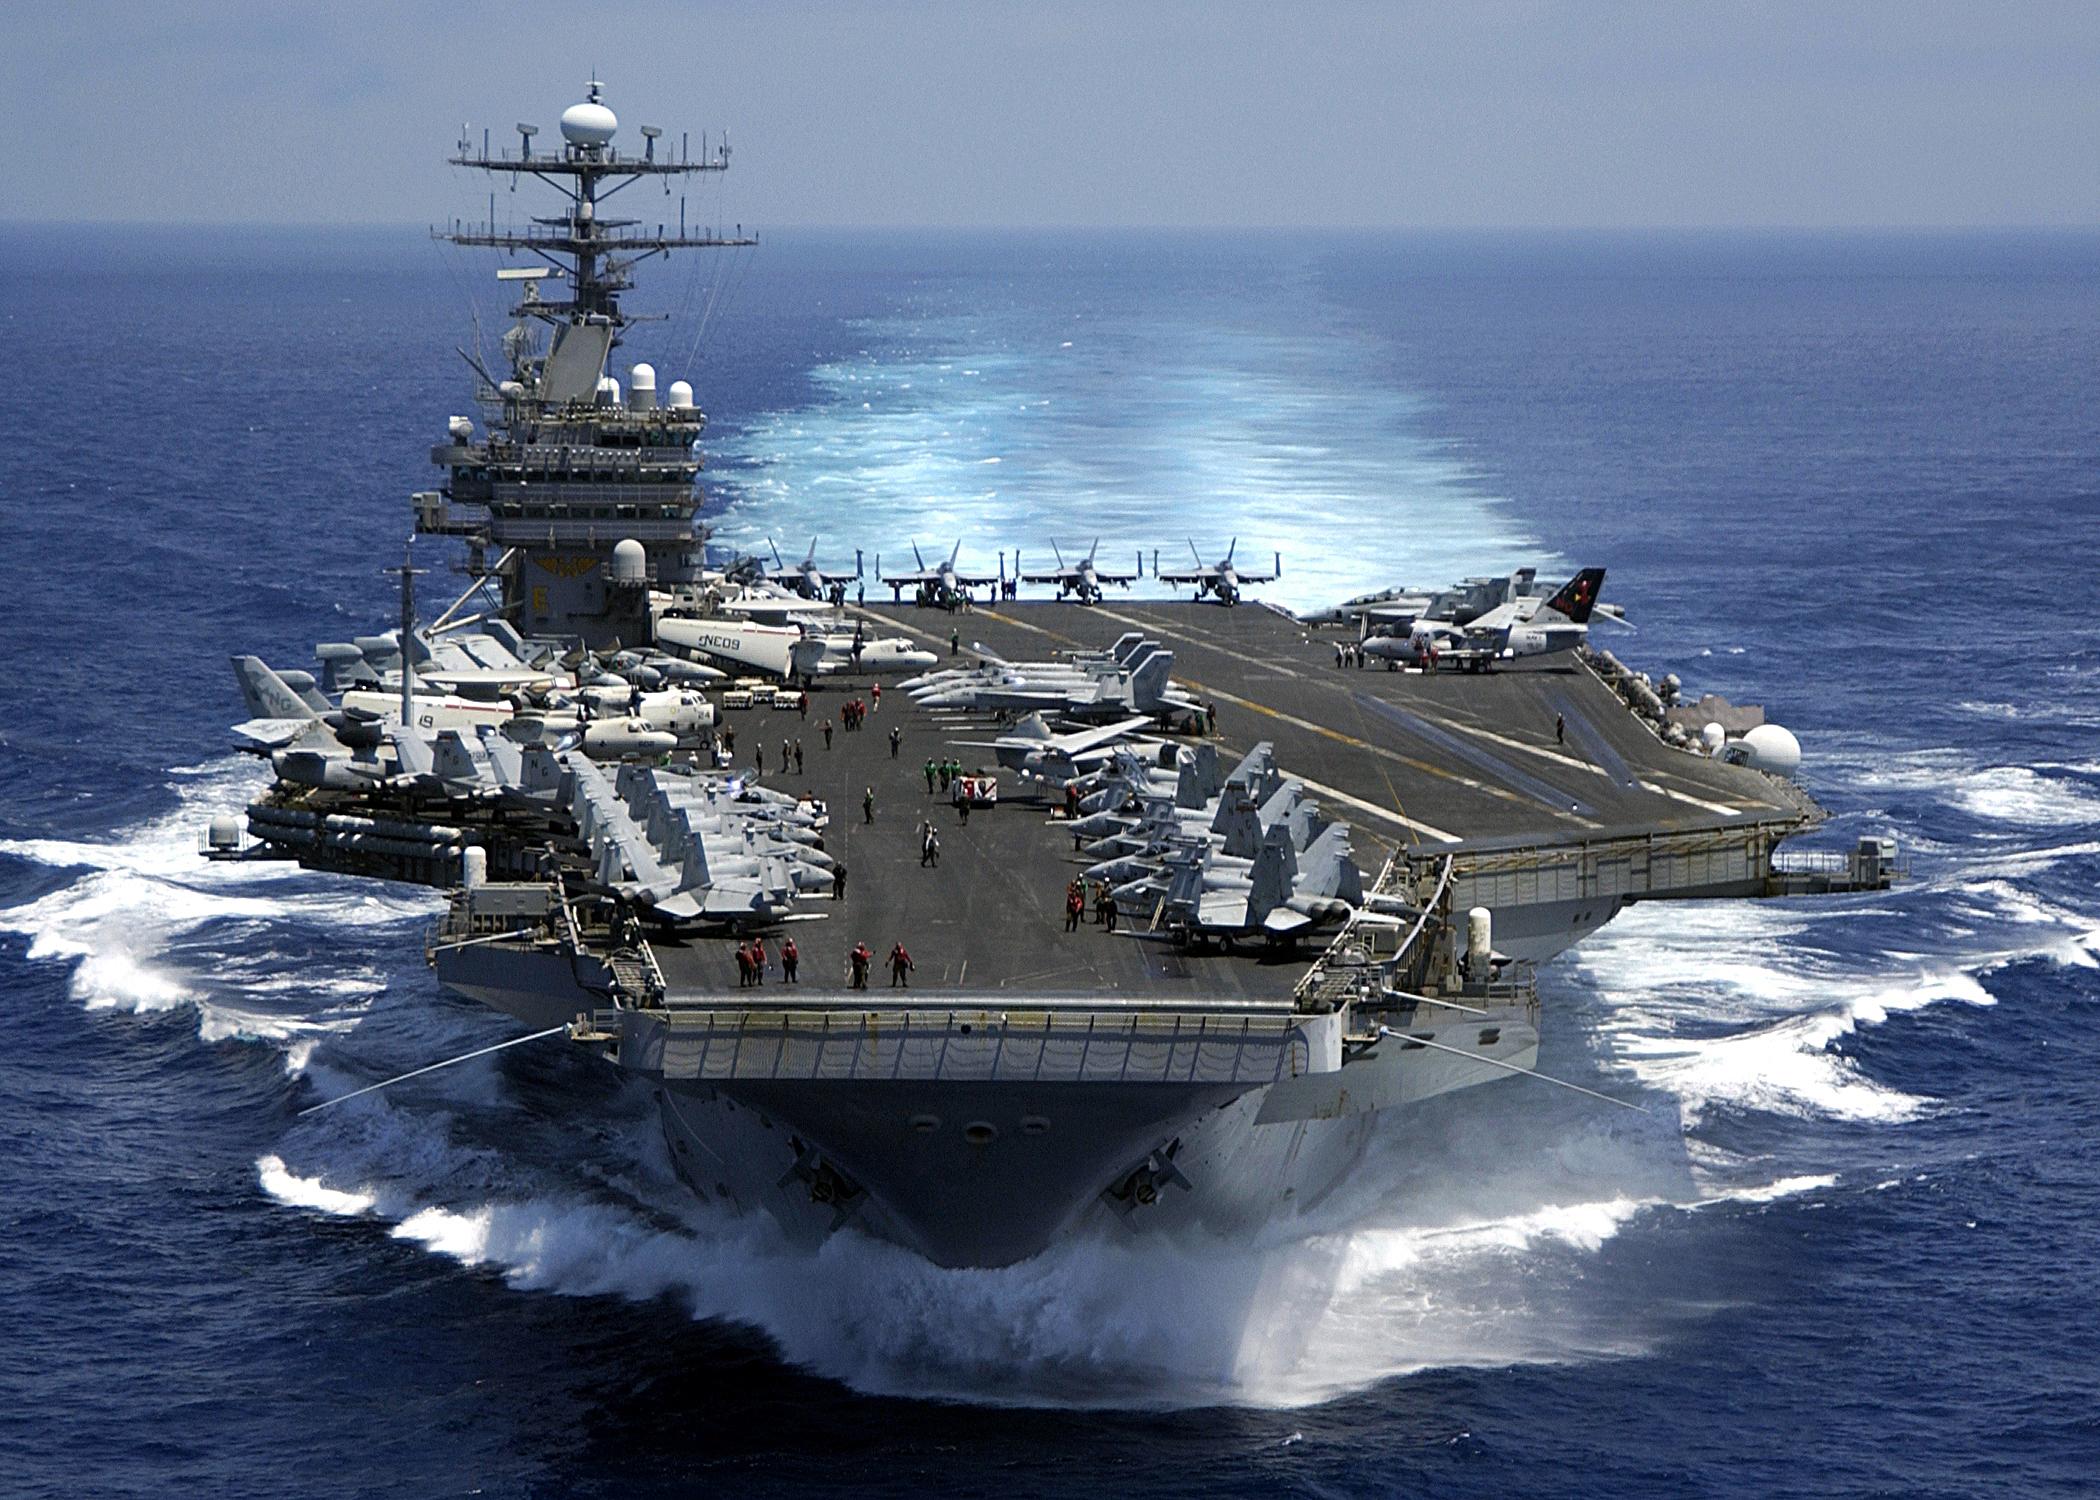 fileus navy 050315 n 3241h 001 the nimitz class aircraft